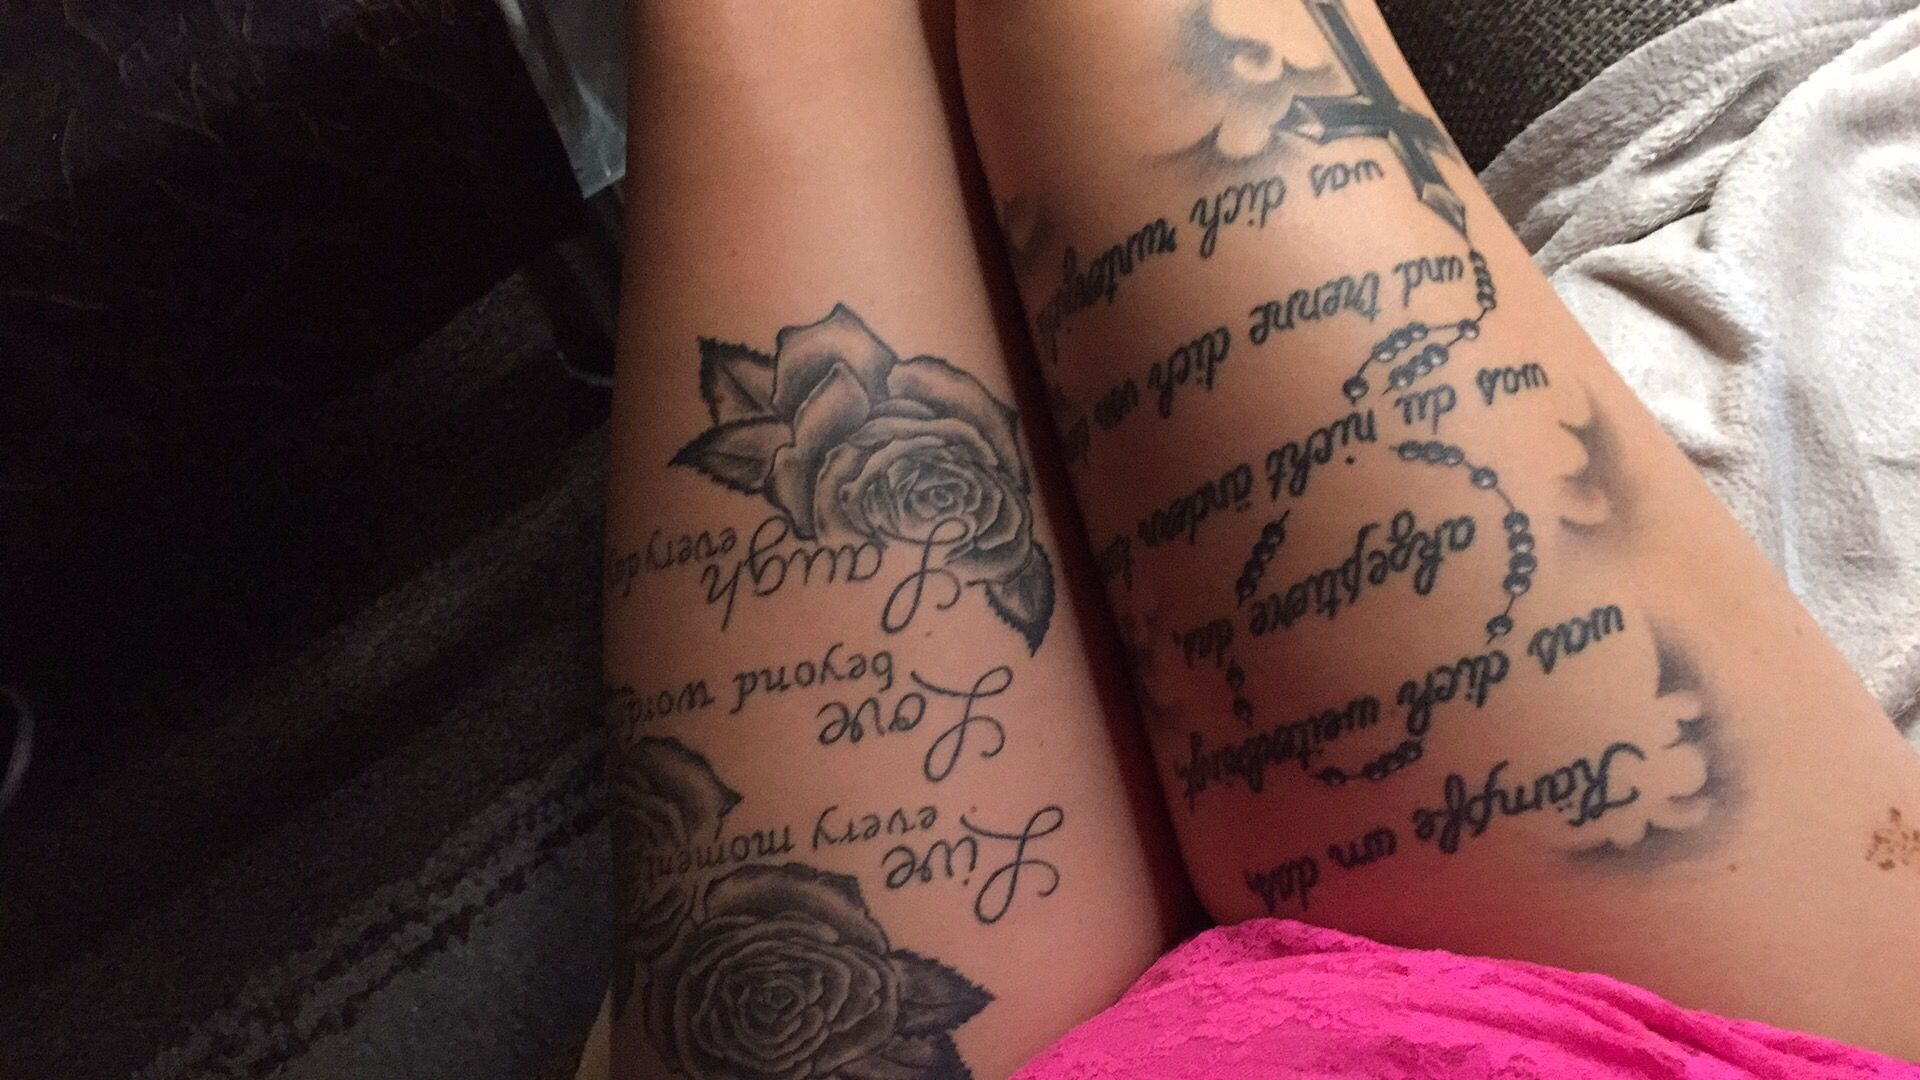 Tattoos for men ring i love mi tattoos   carina  pinterest  tattoo